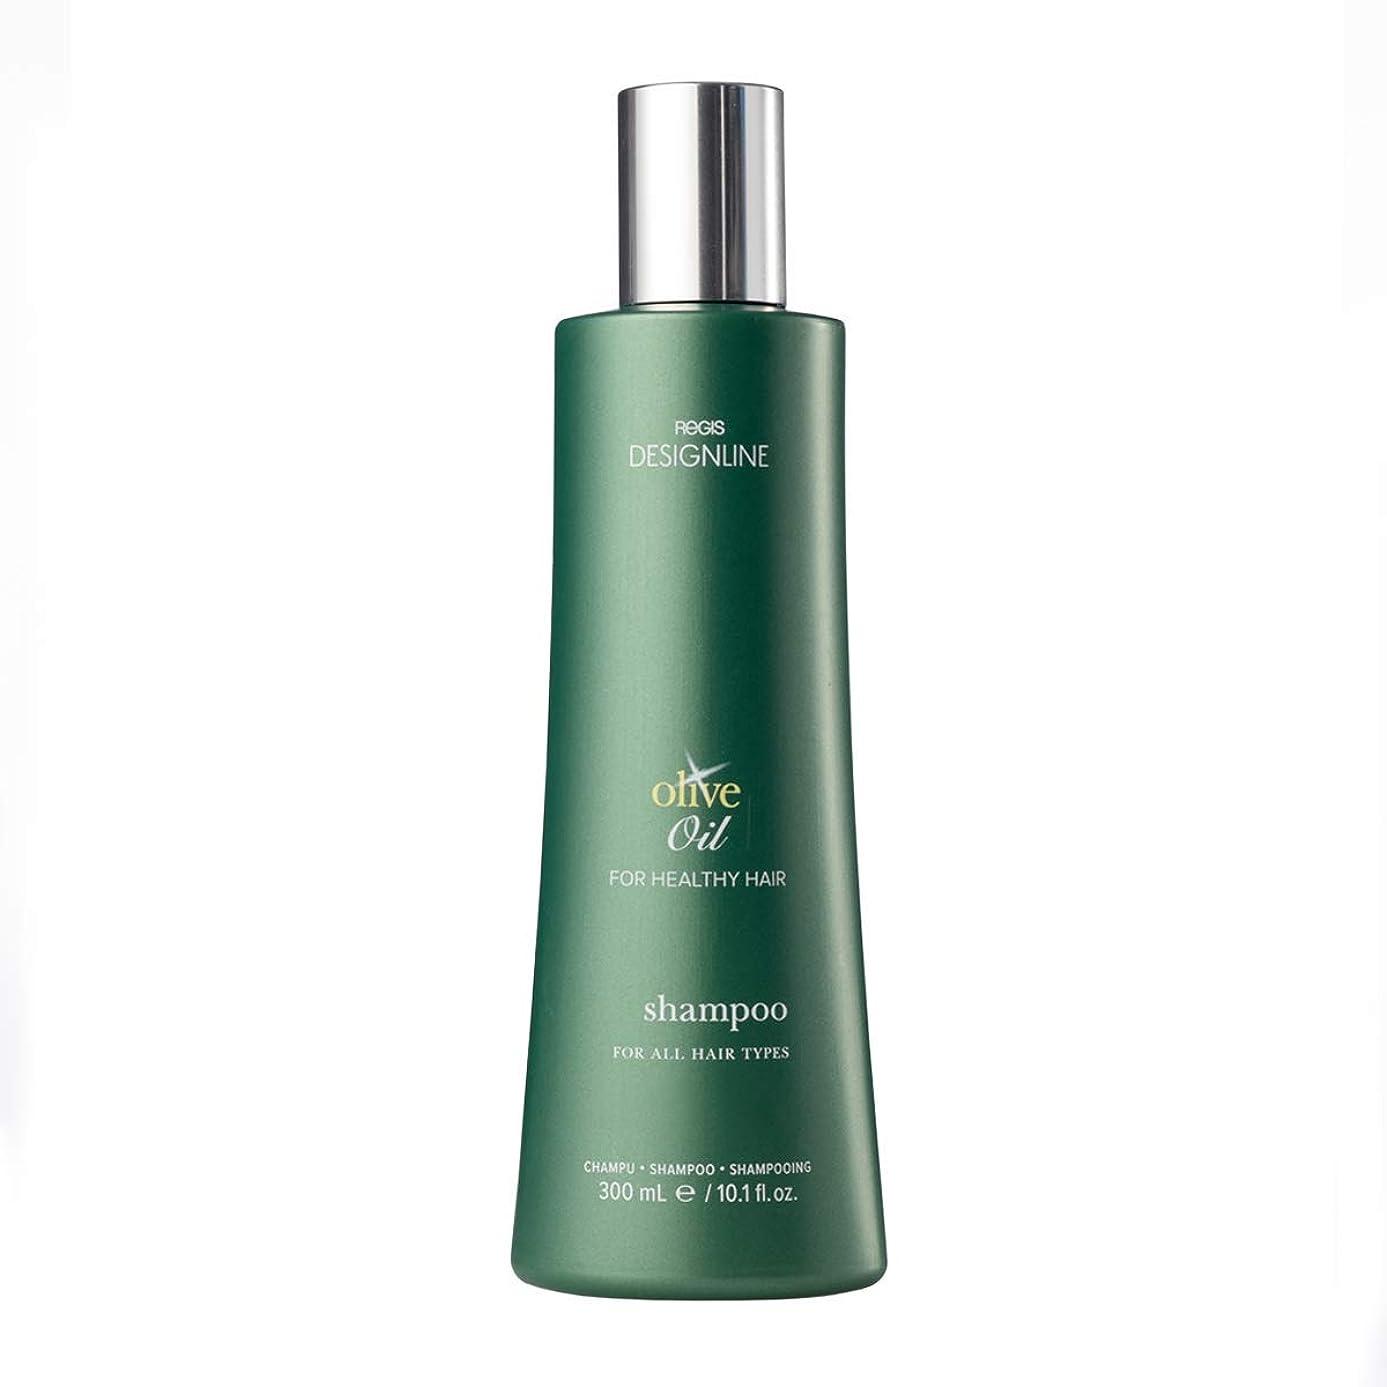 気楽な暗記する訴えるDESIGNLINE オリーブ オイル シャンプー - Regis -オリーブオイルと豊富なビタミンEとKで強化された環境からの髪の保護に役立つ 10.1 オンス